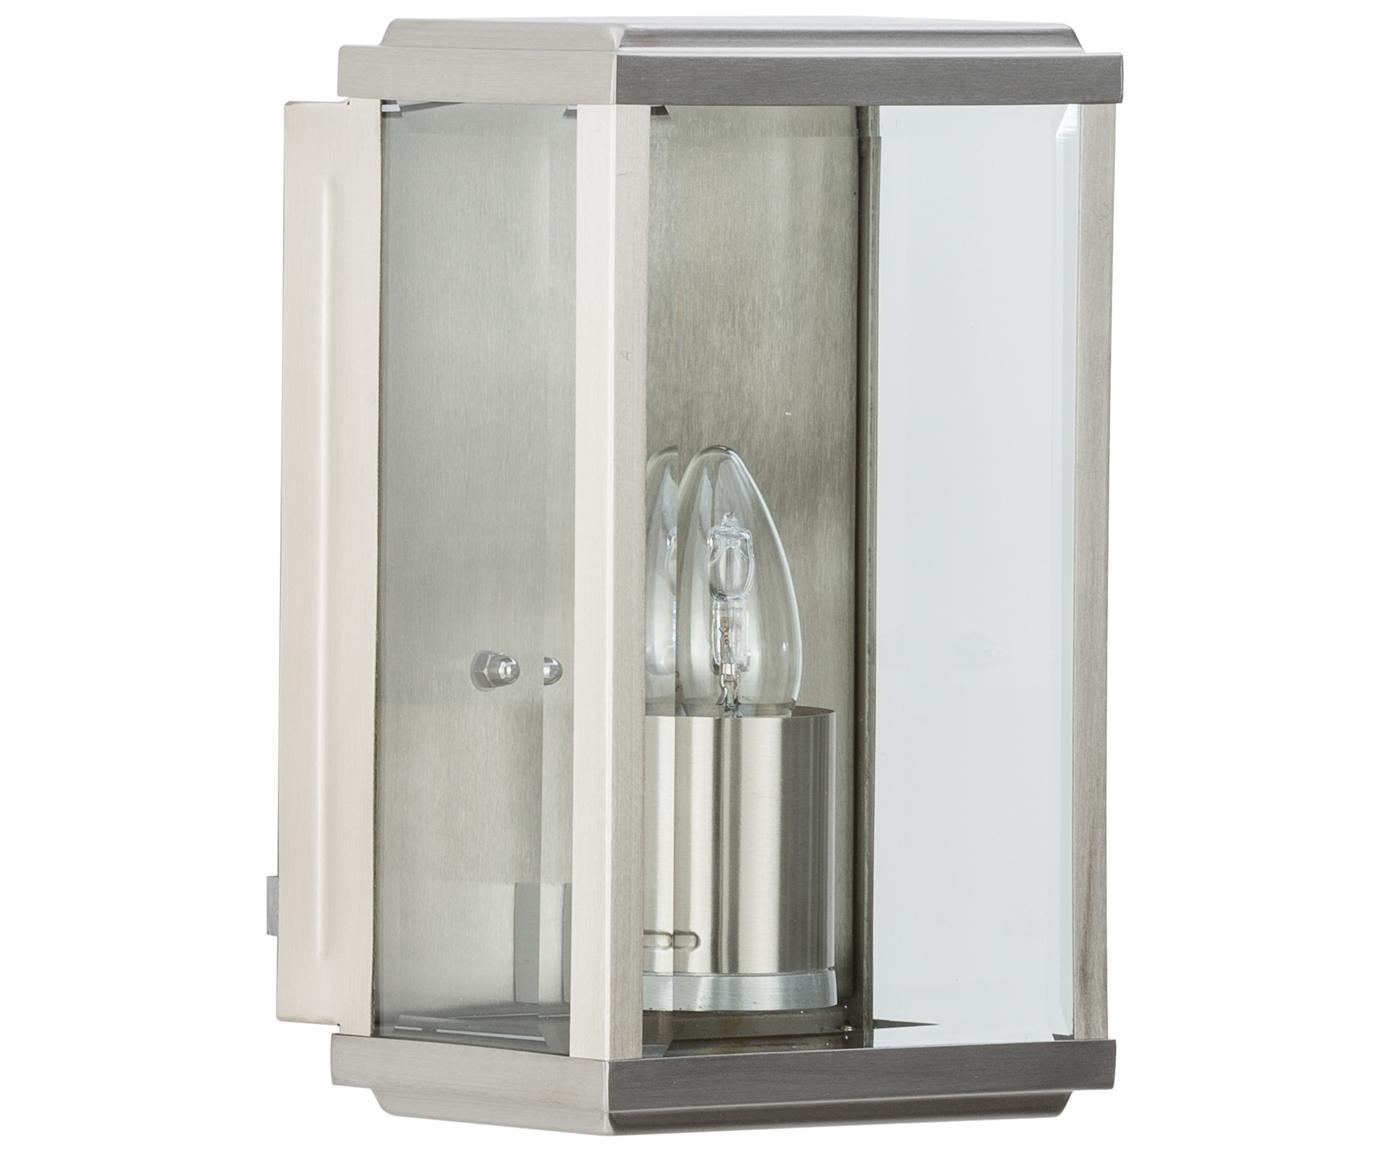 Aplique para exteriorWally, Acero inoxidable, pulido con inserto de vidrio, Acero inoxidable, An 16 x Al 25 cm